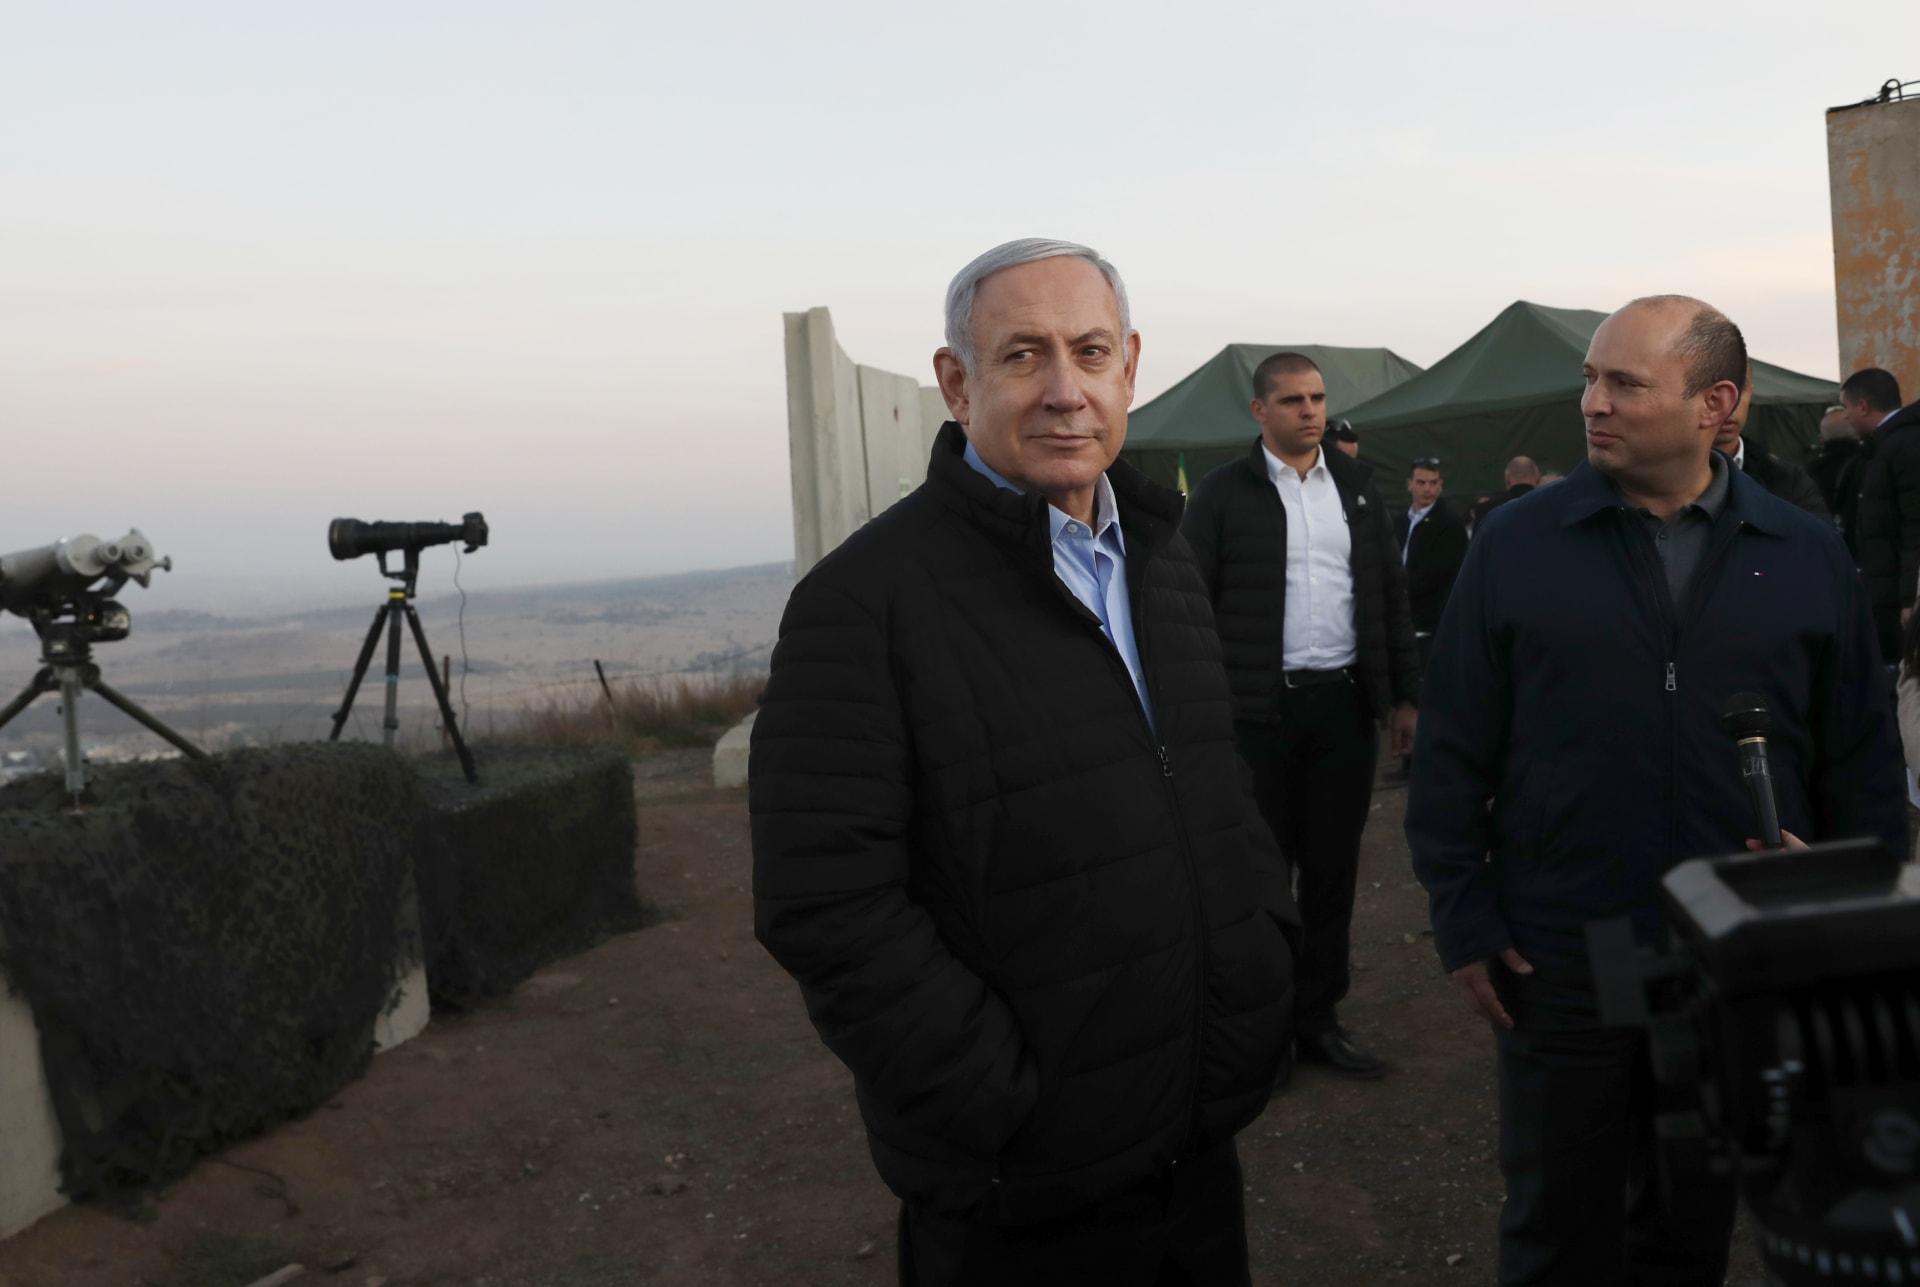 رئيس الوزراء الإسرائيلي نتنياهو في زيارة أمنية للجولان